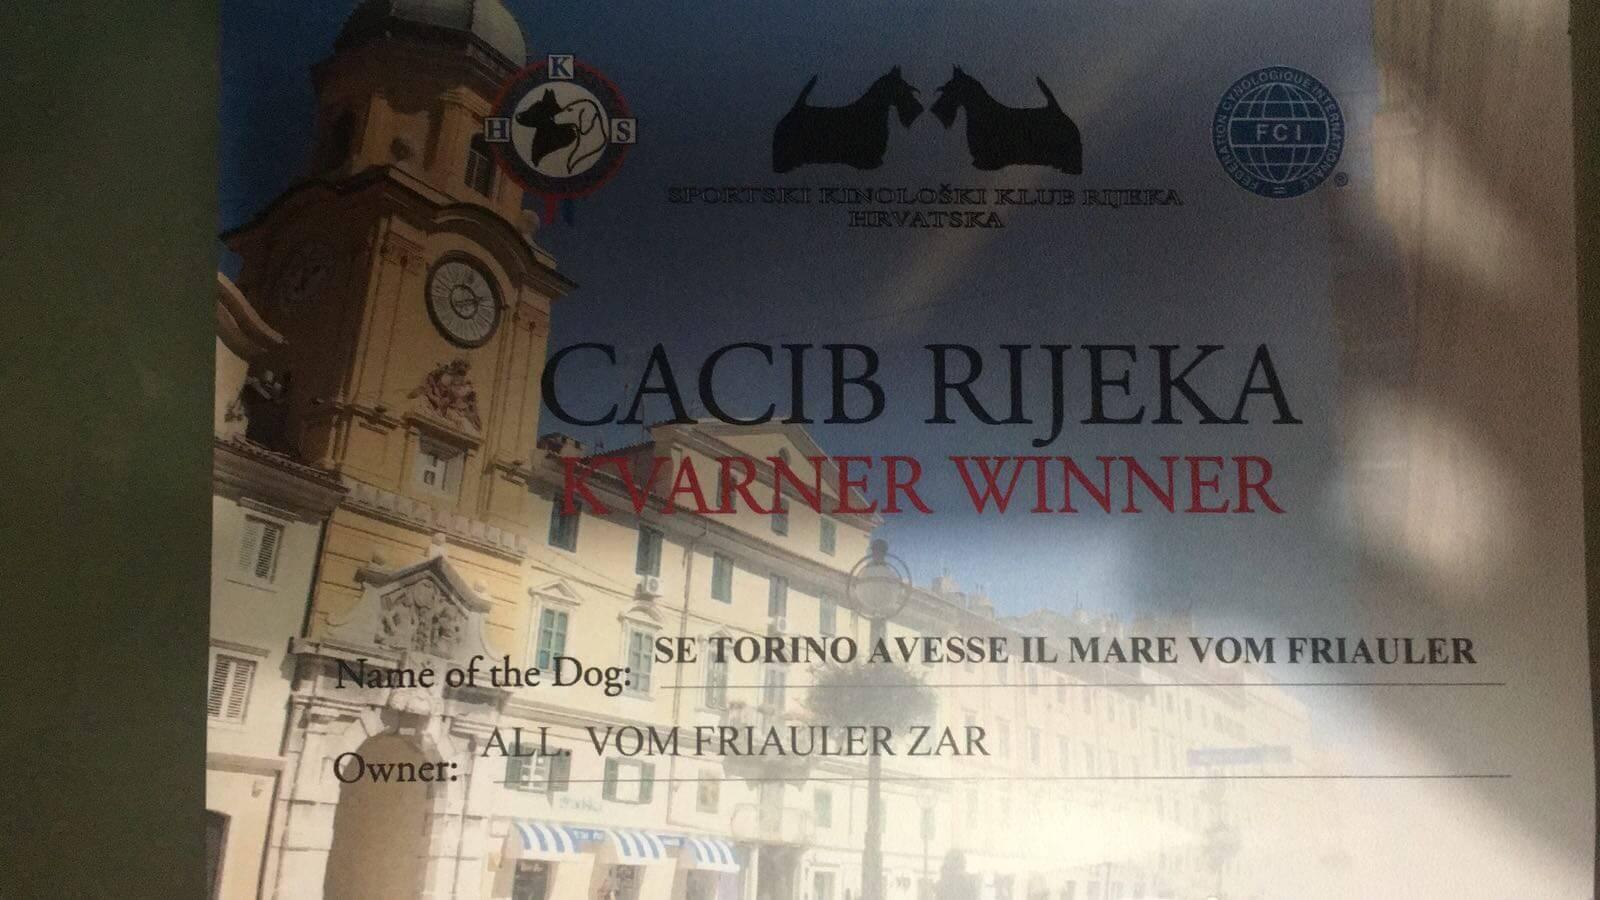 Campionessa kvarner winner 2018